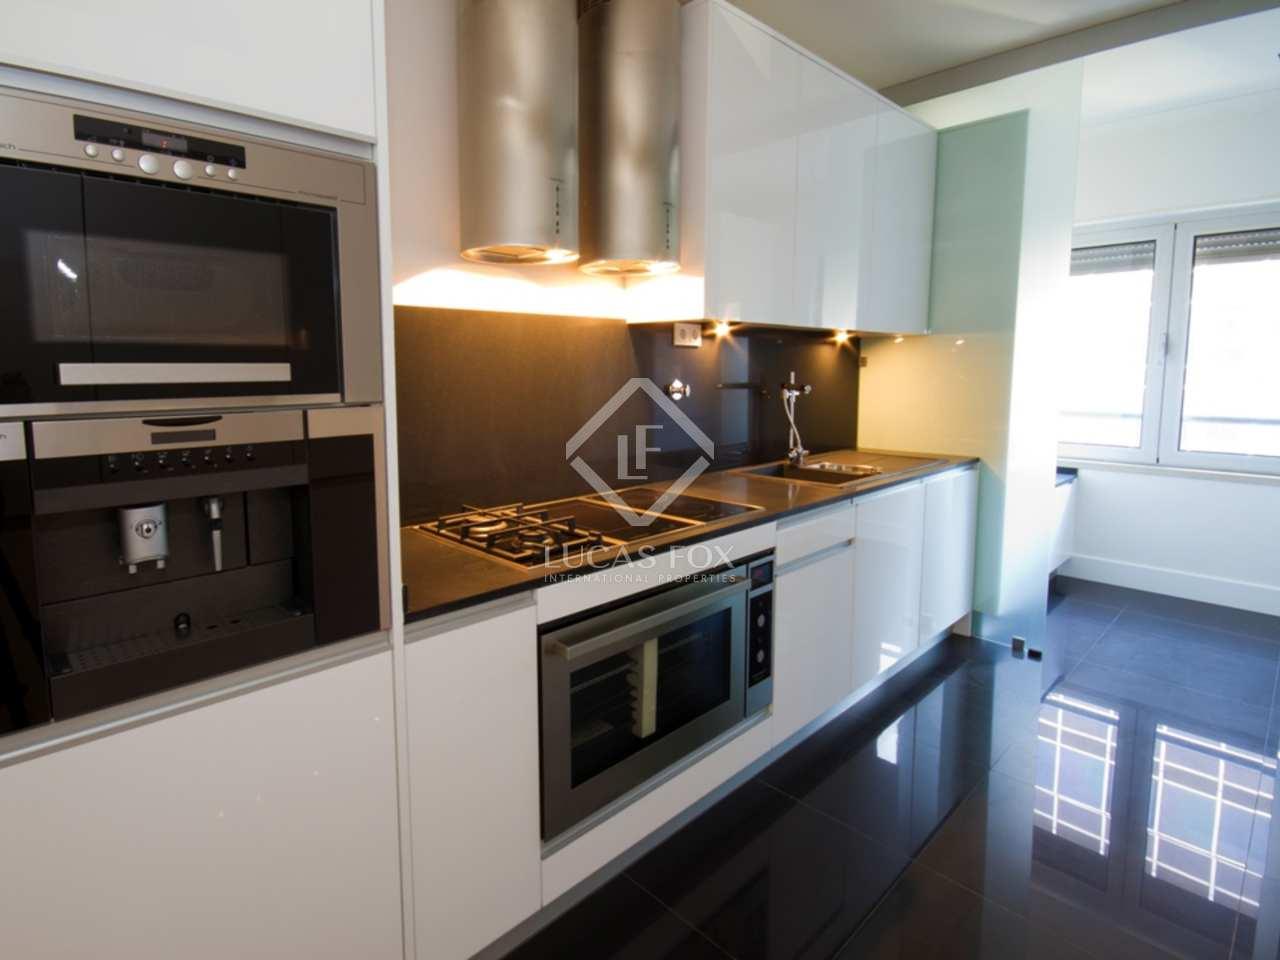 200m wohnung zum verkauf in lissabon stadt portugal. Black Bedroom Furniture Sets. Home Design Ideas